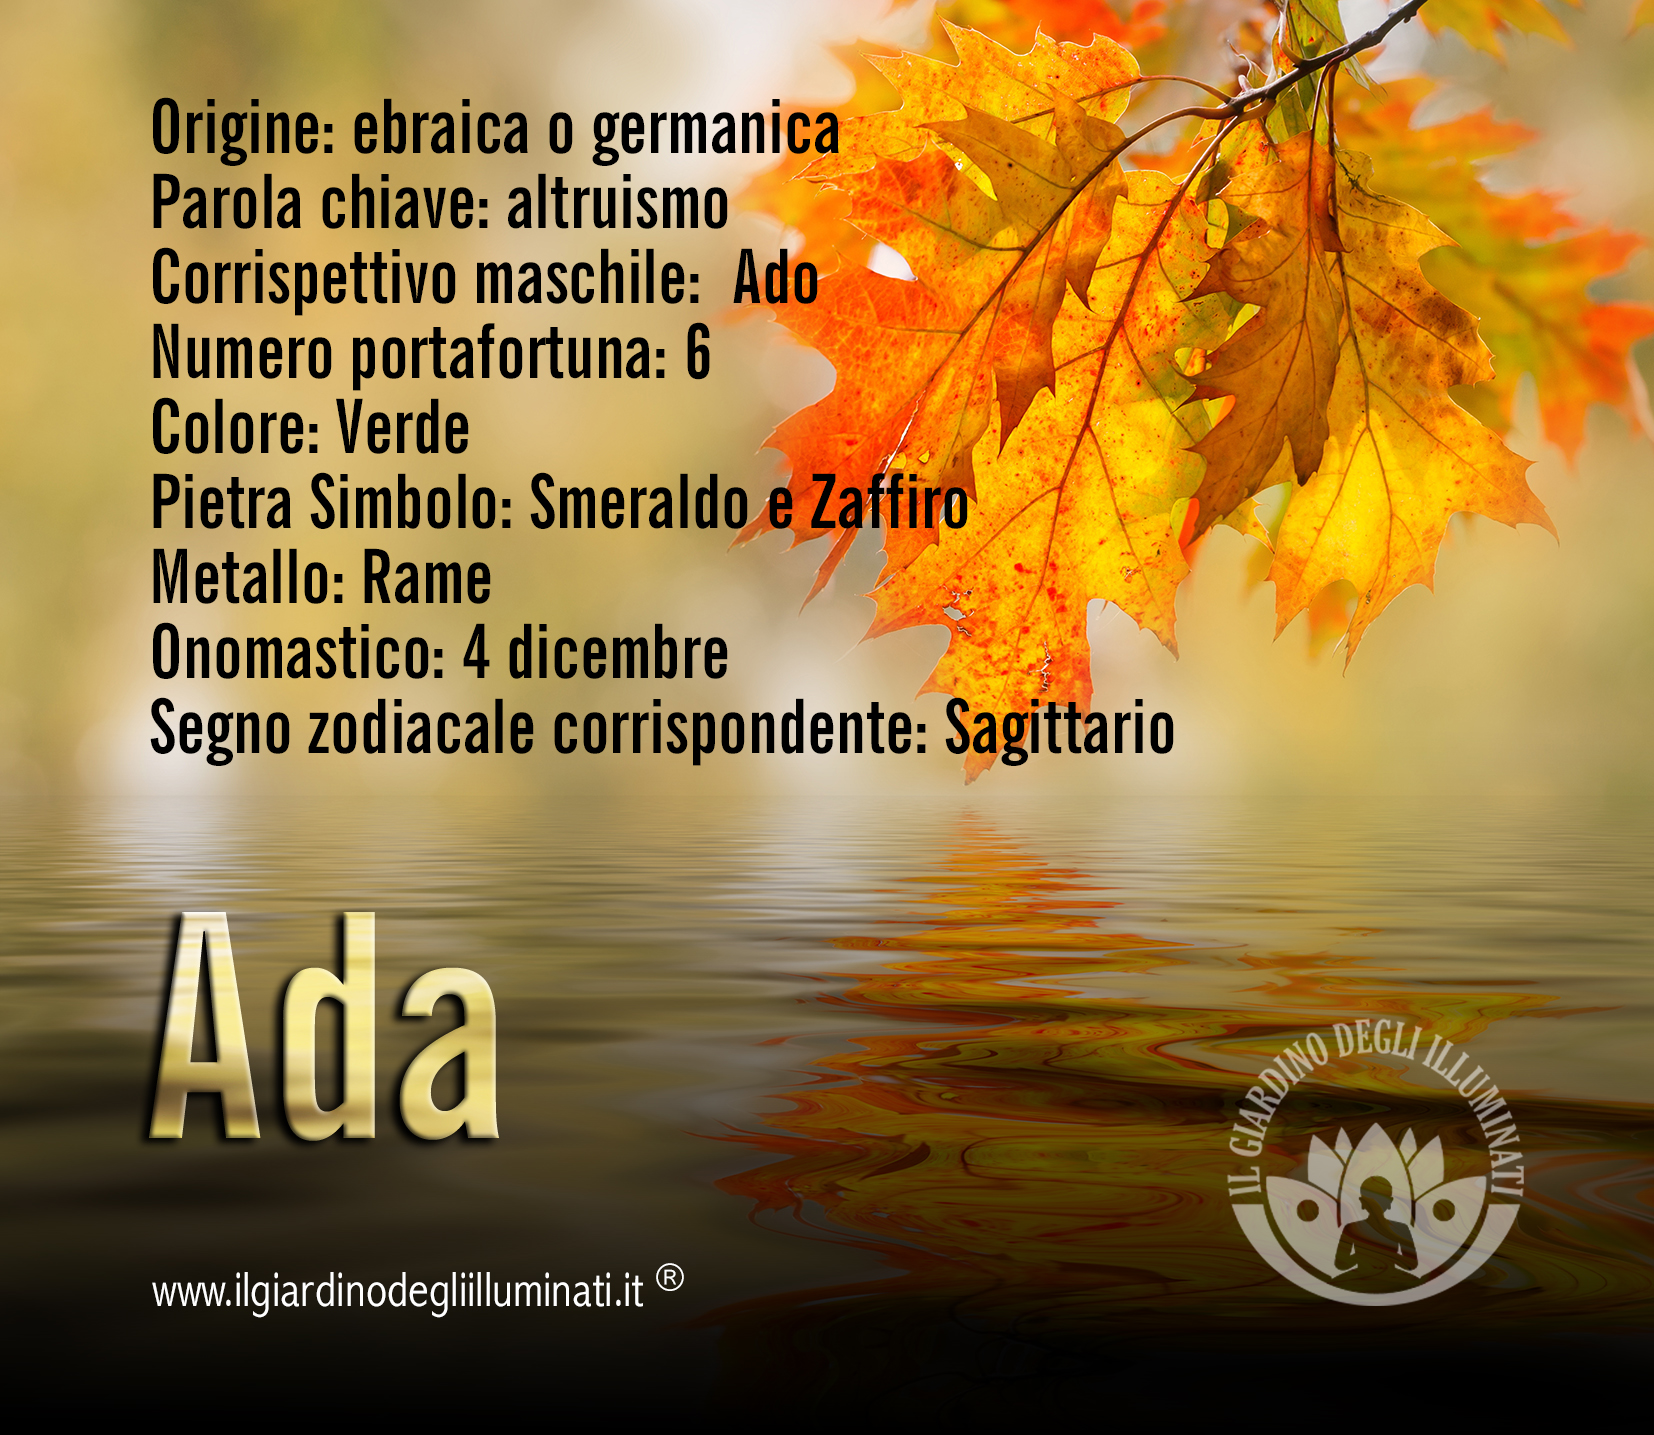 Ada significato e origine